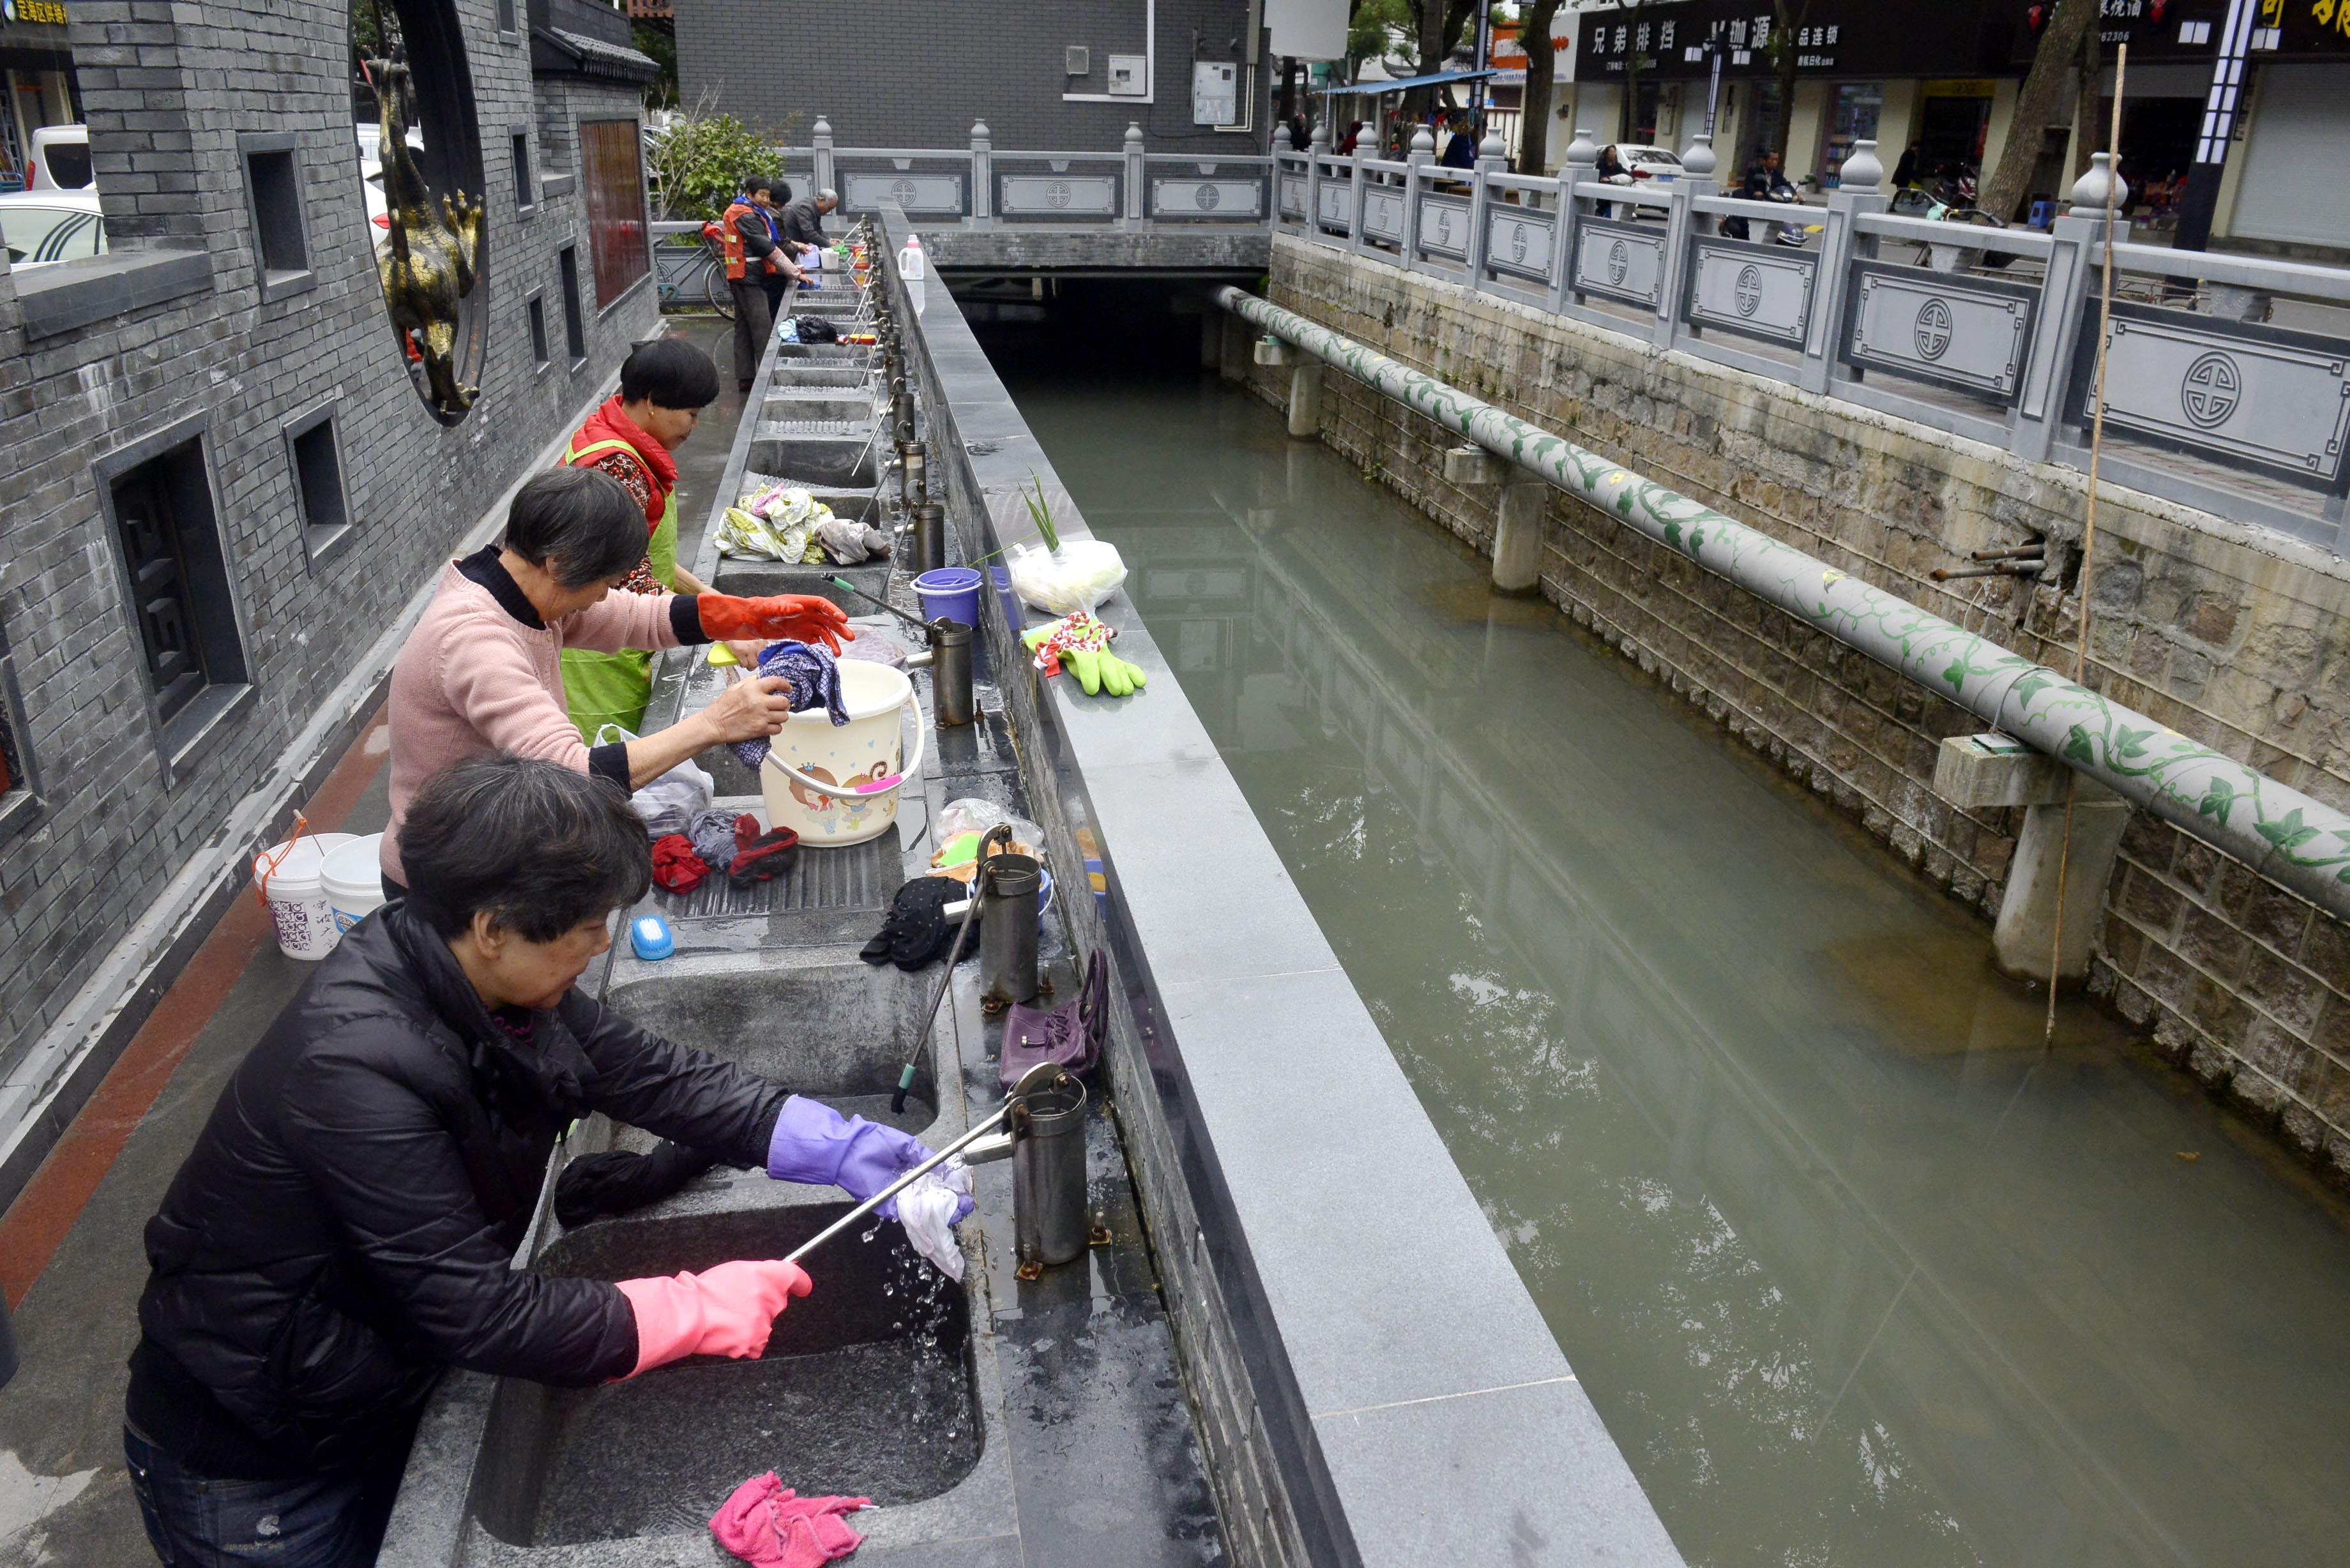 舟山启用洗衣平台:引流河水供居民使用,污水集中排放至废水池